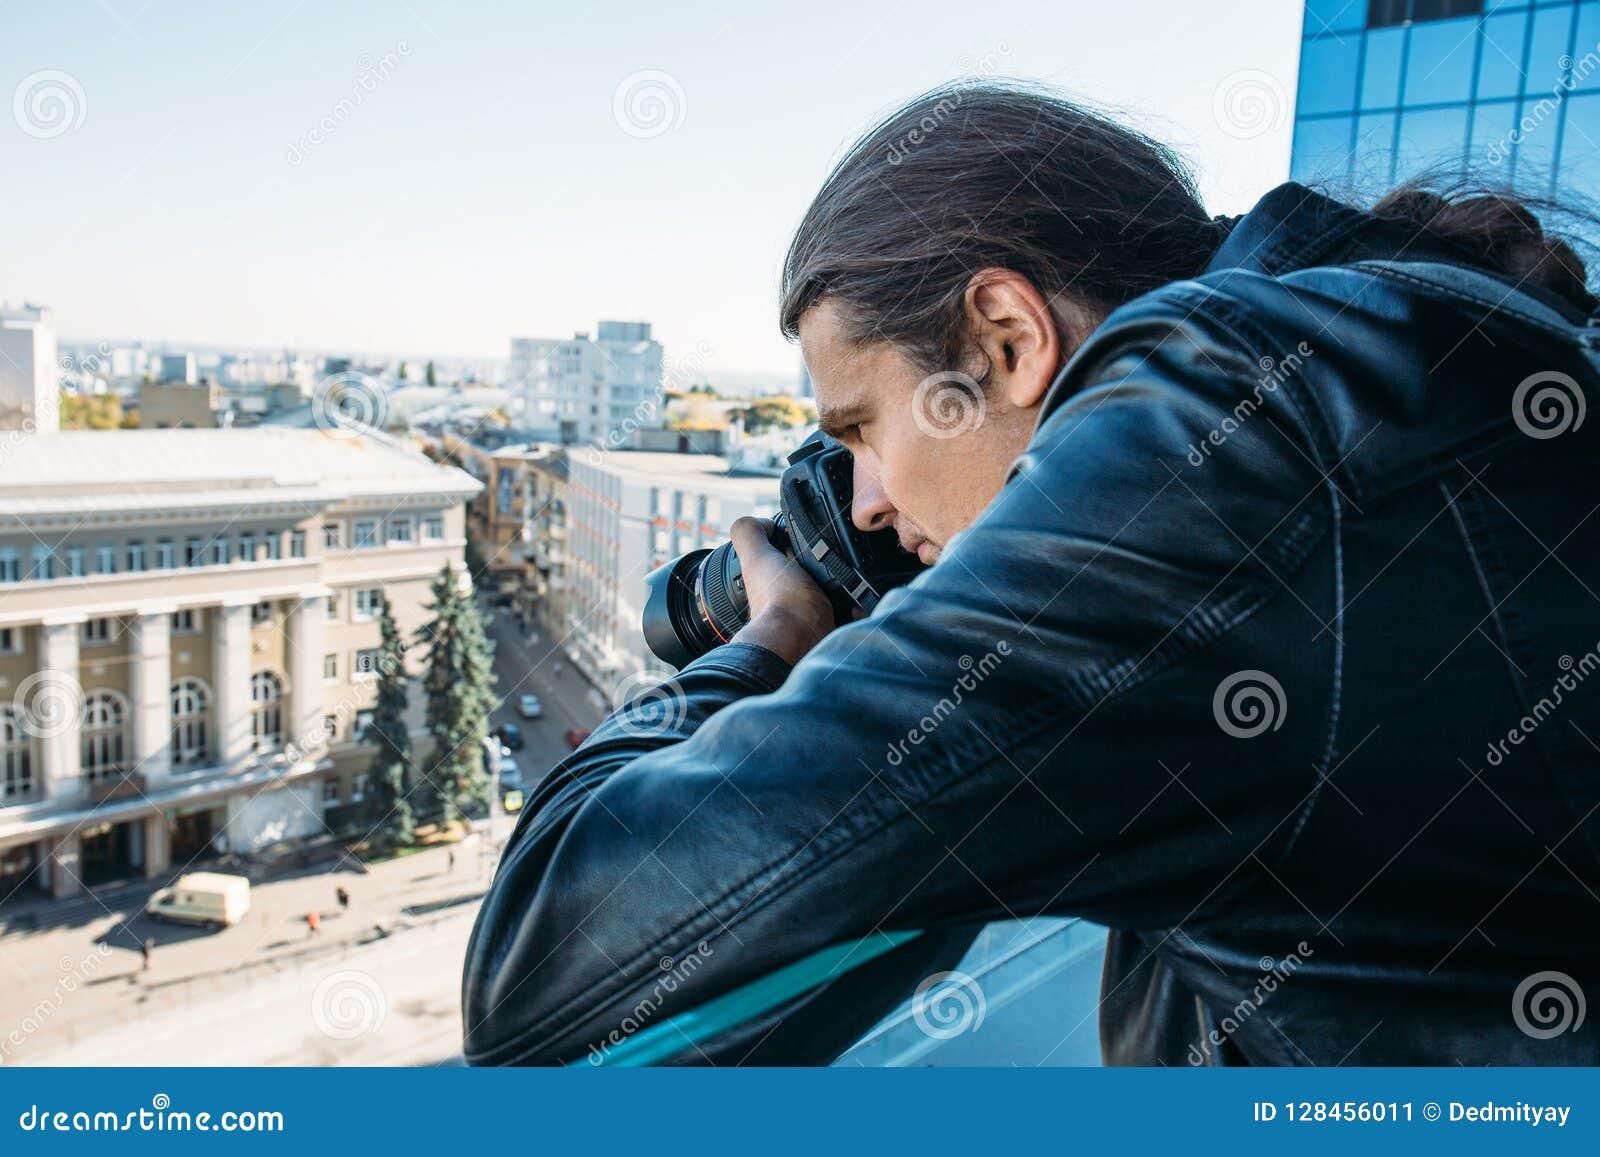 Forscher oder privater Detektiv oder Reporter oder Paparazzi, die Foto vom Balkon des Gebäudes mit Berufskamera machen